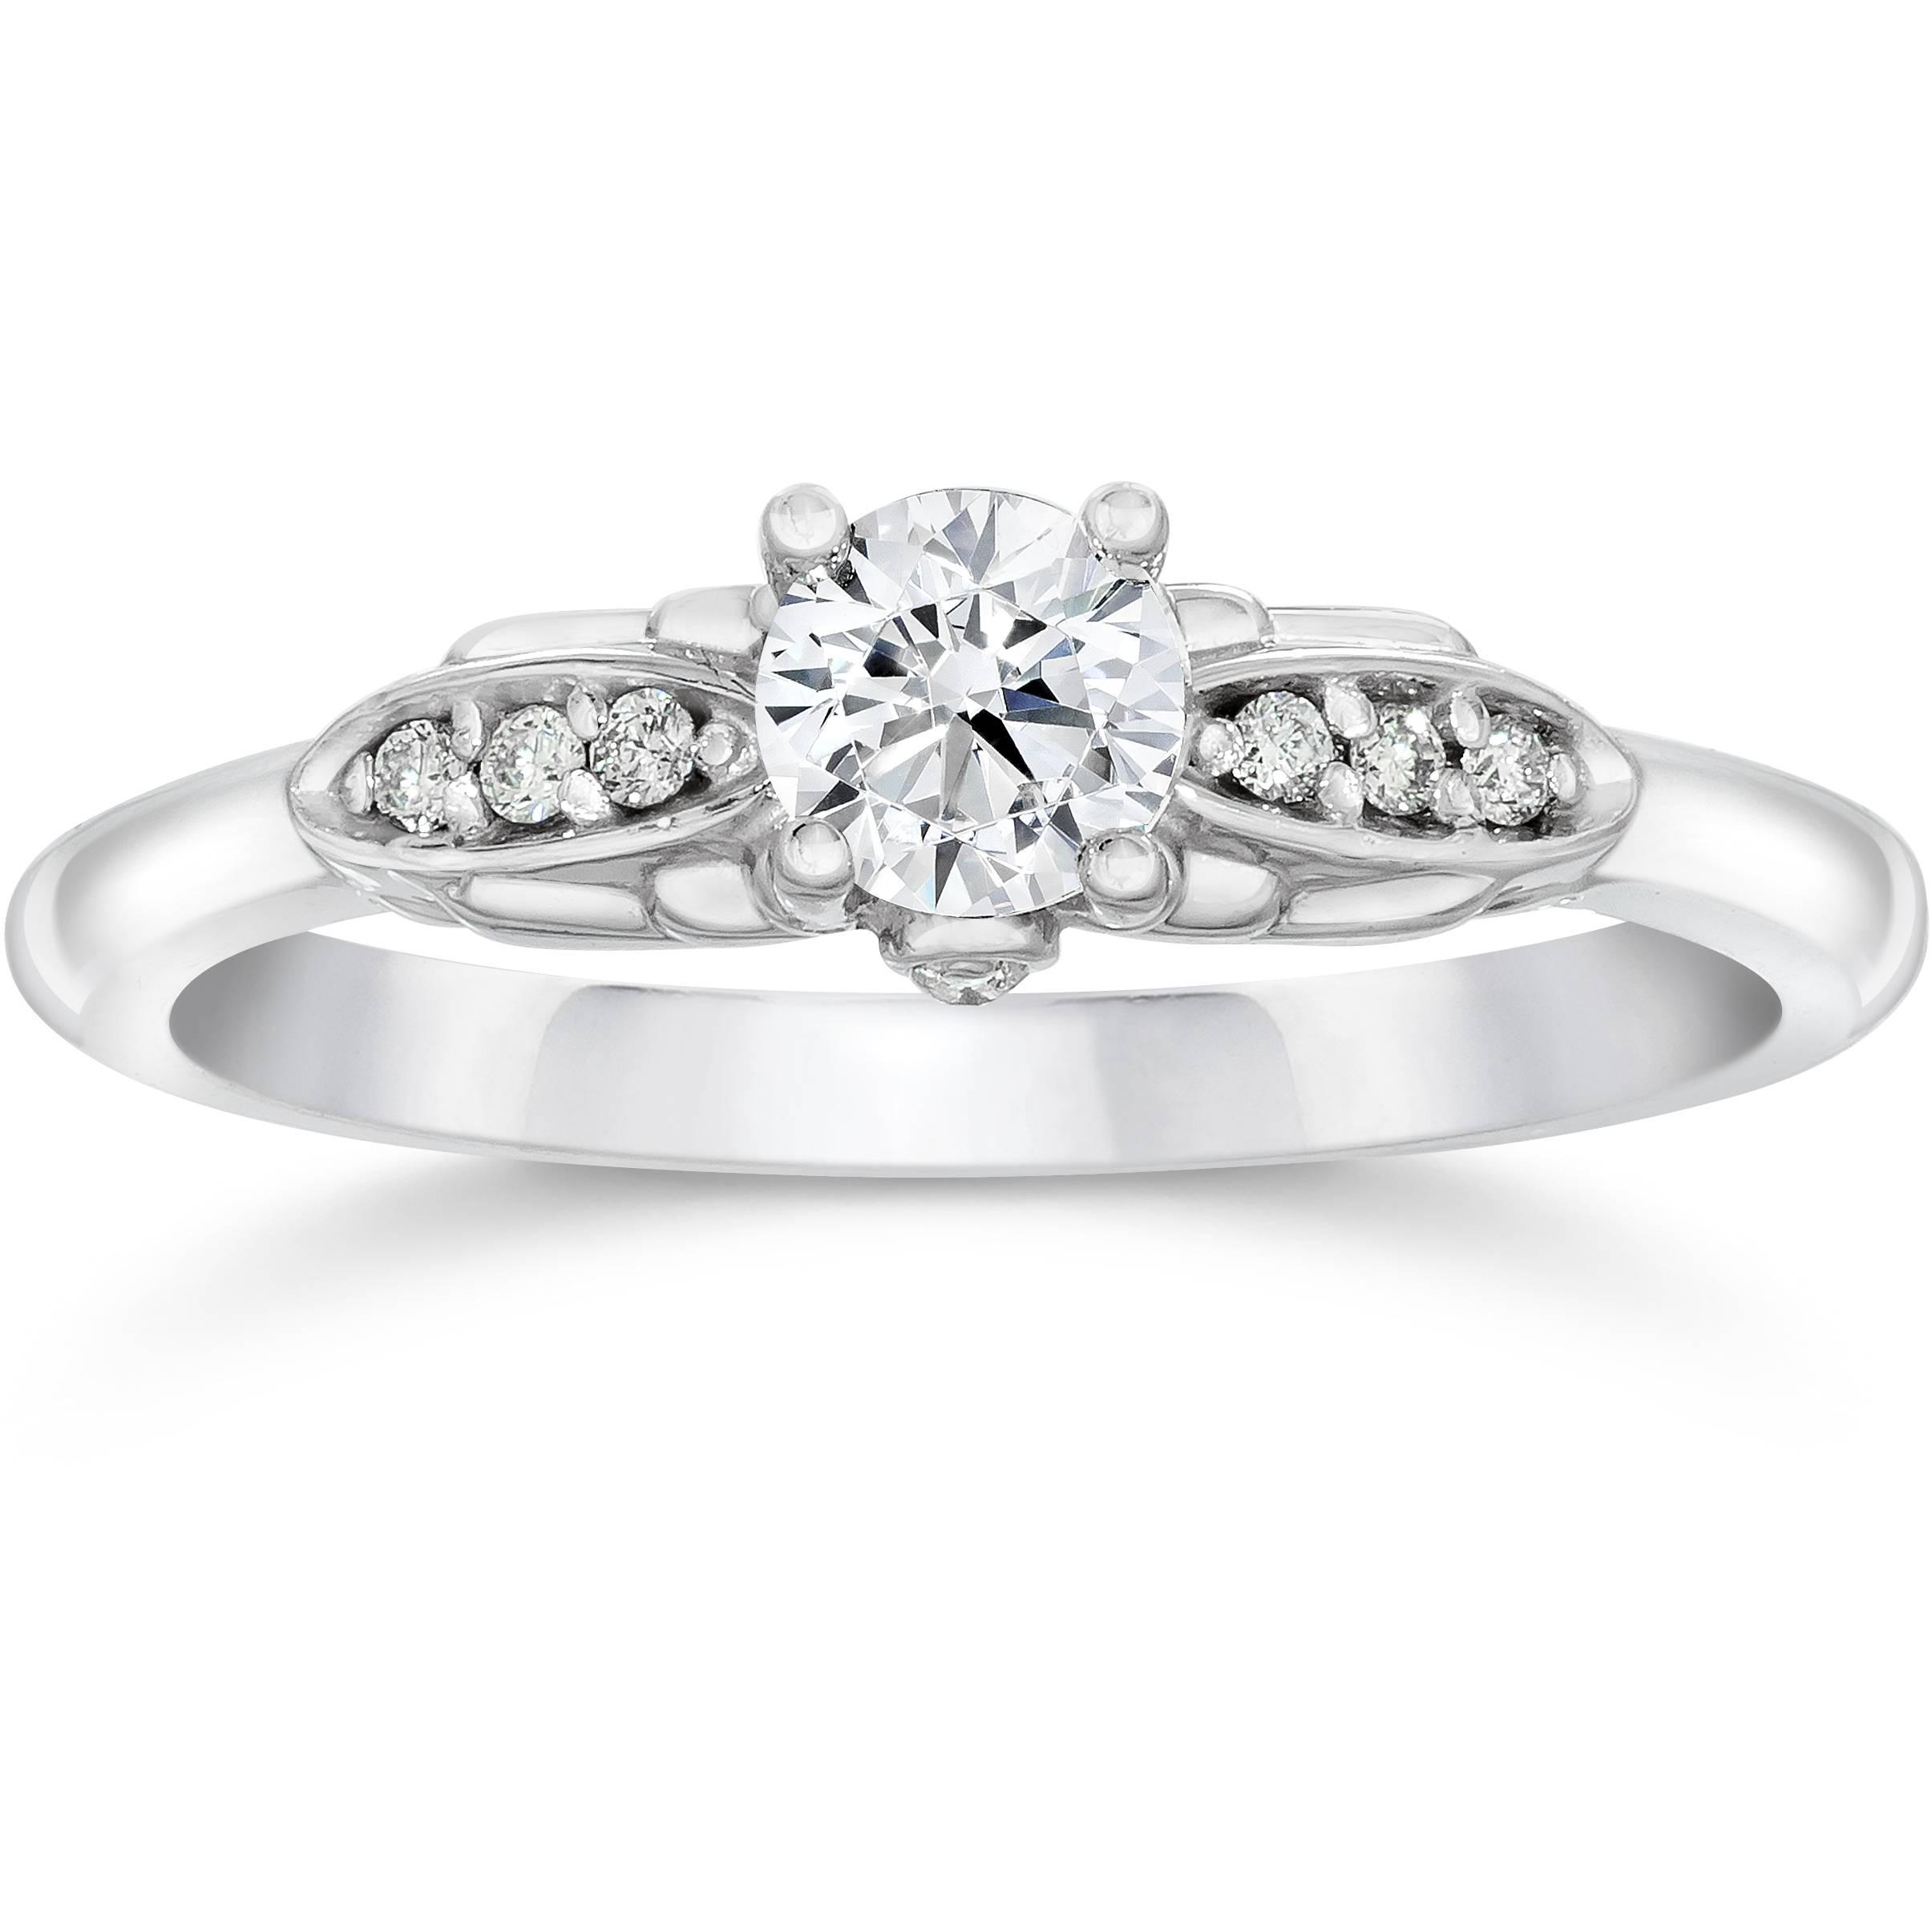 1/2 Carat Diamond Vintage Engagement Ring 14K White Gold